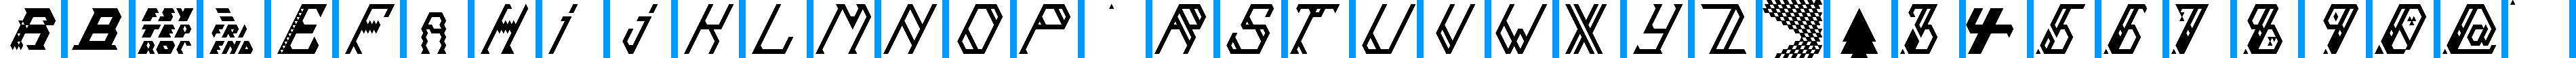 Particip-a-type v.353